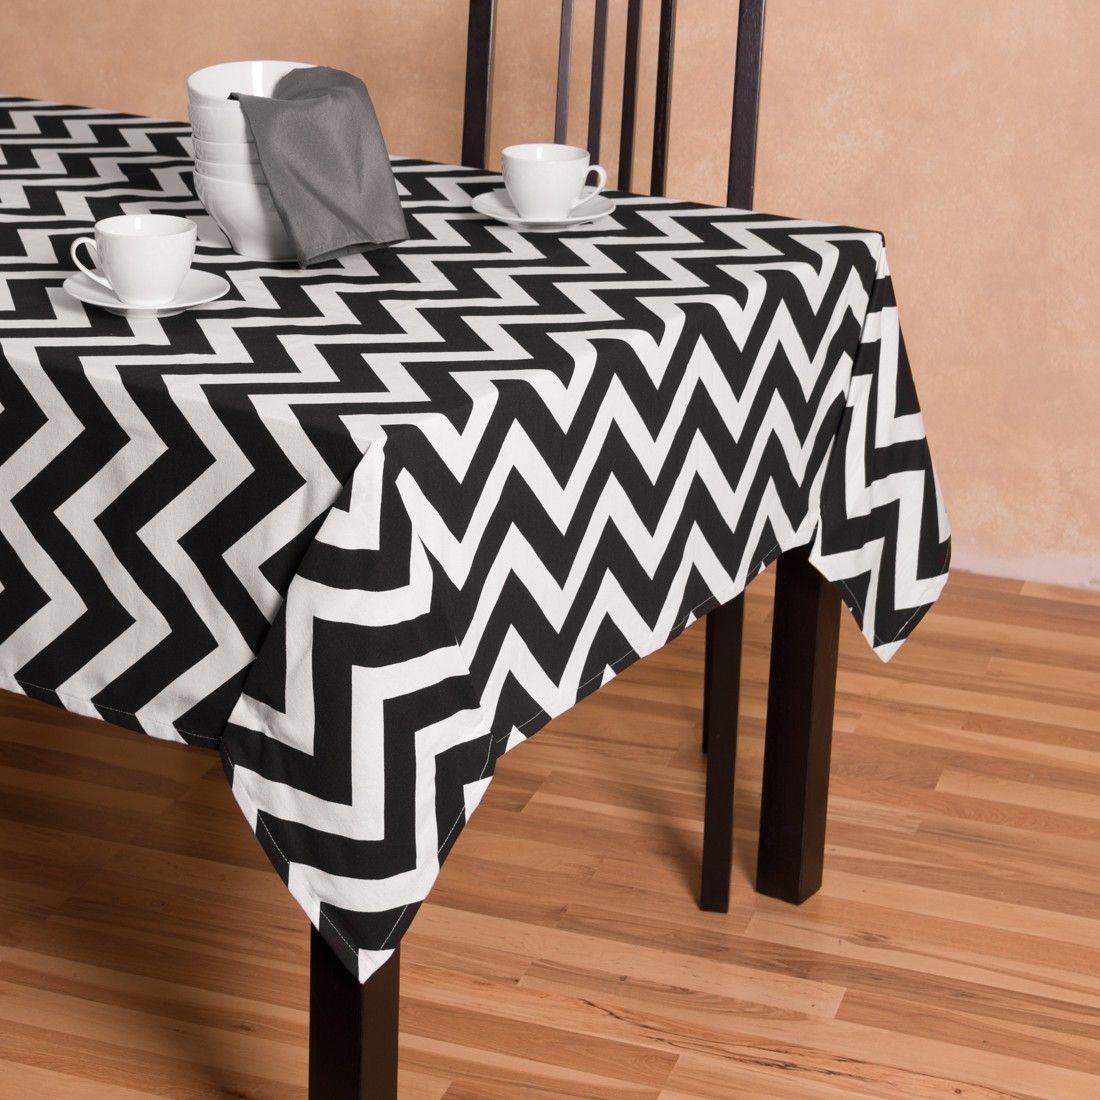 Turquoise U0026 White Rectangular Cotton Trellis Tablecloth